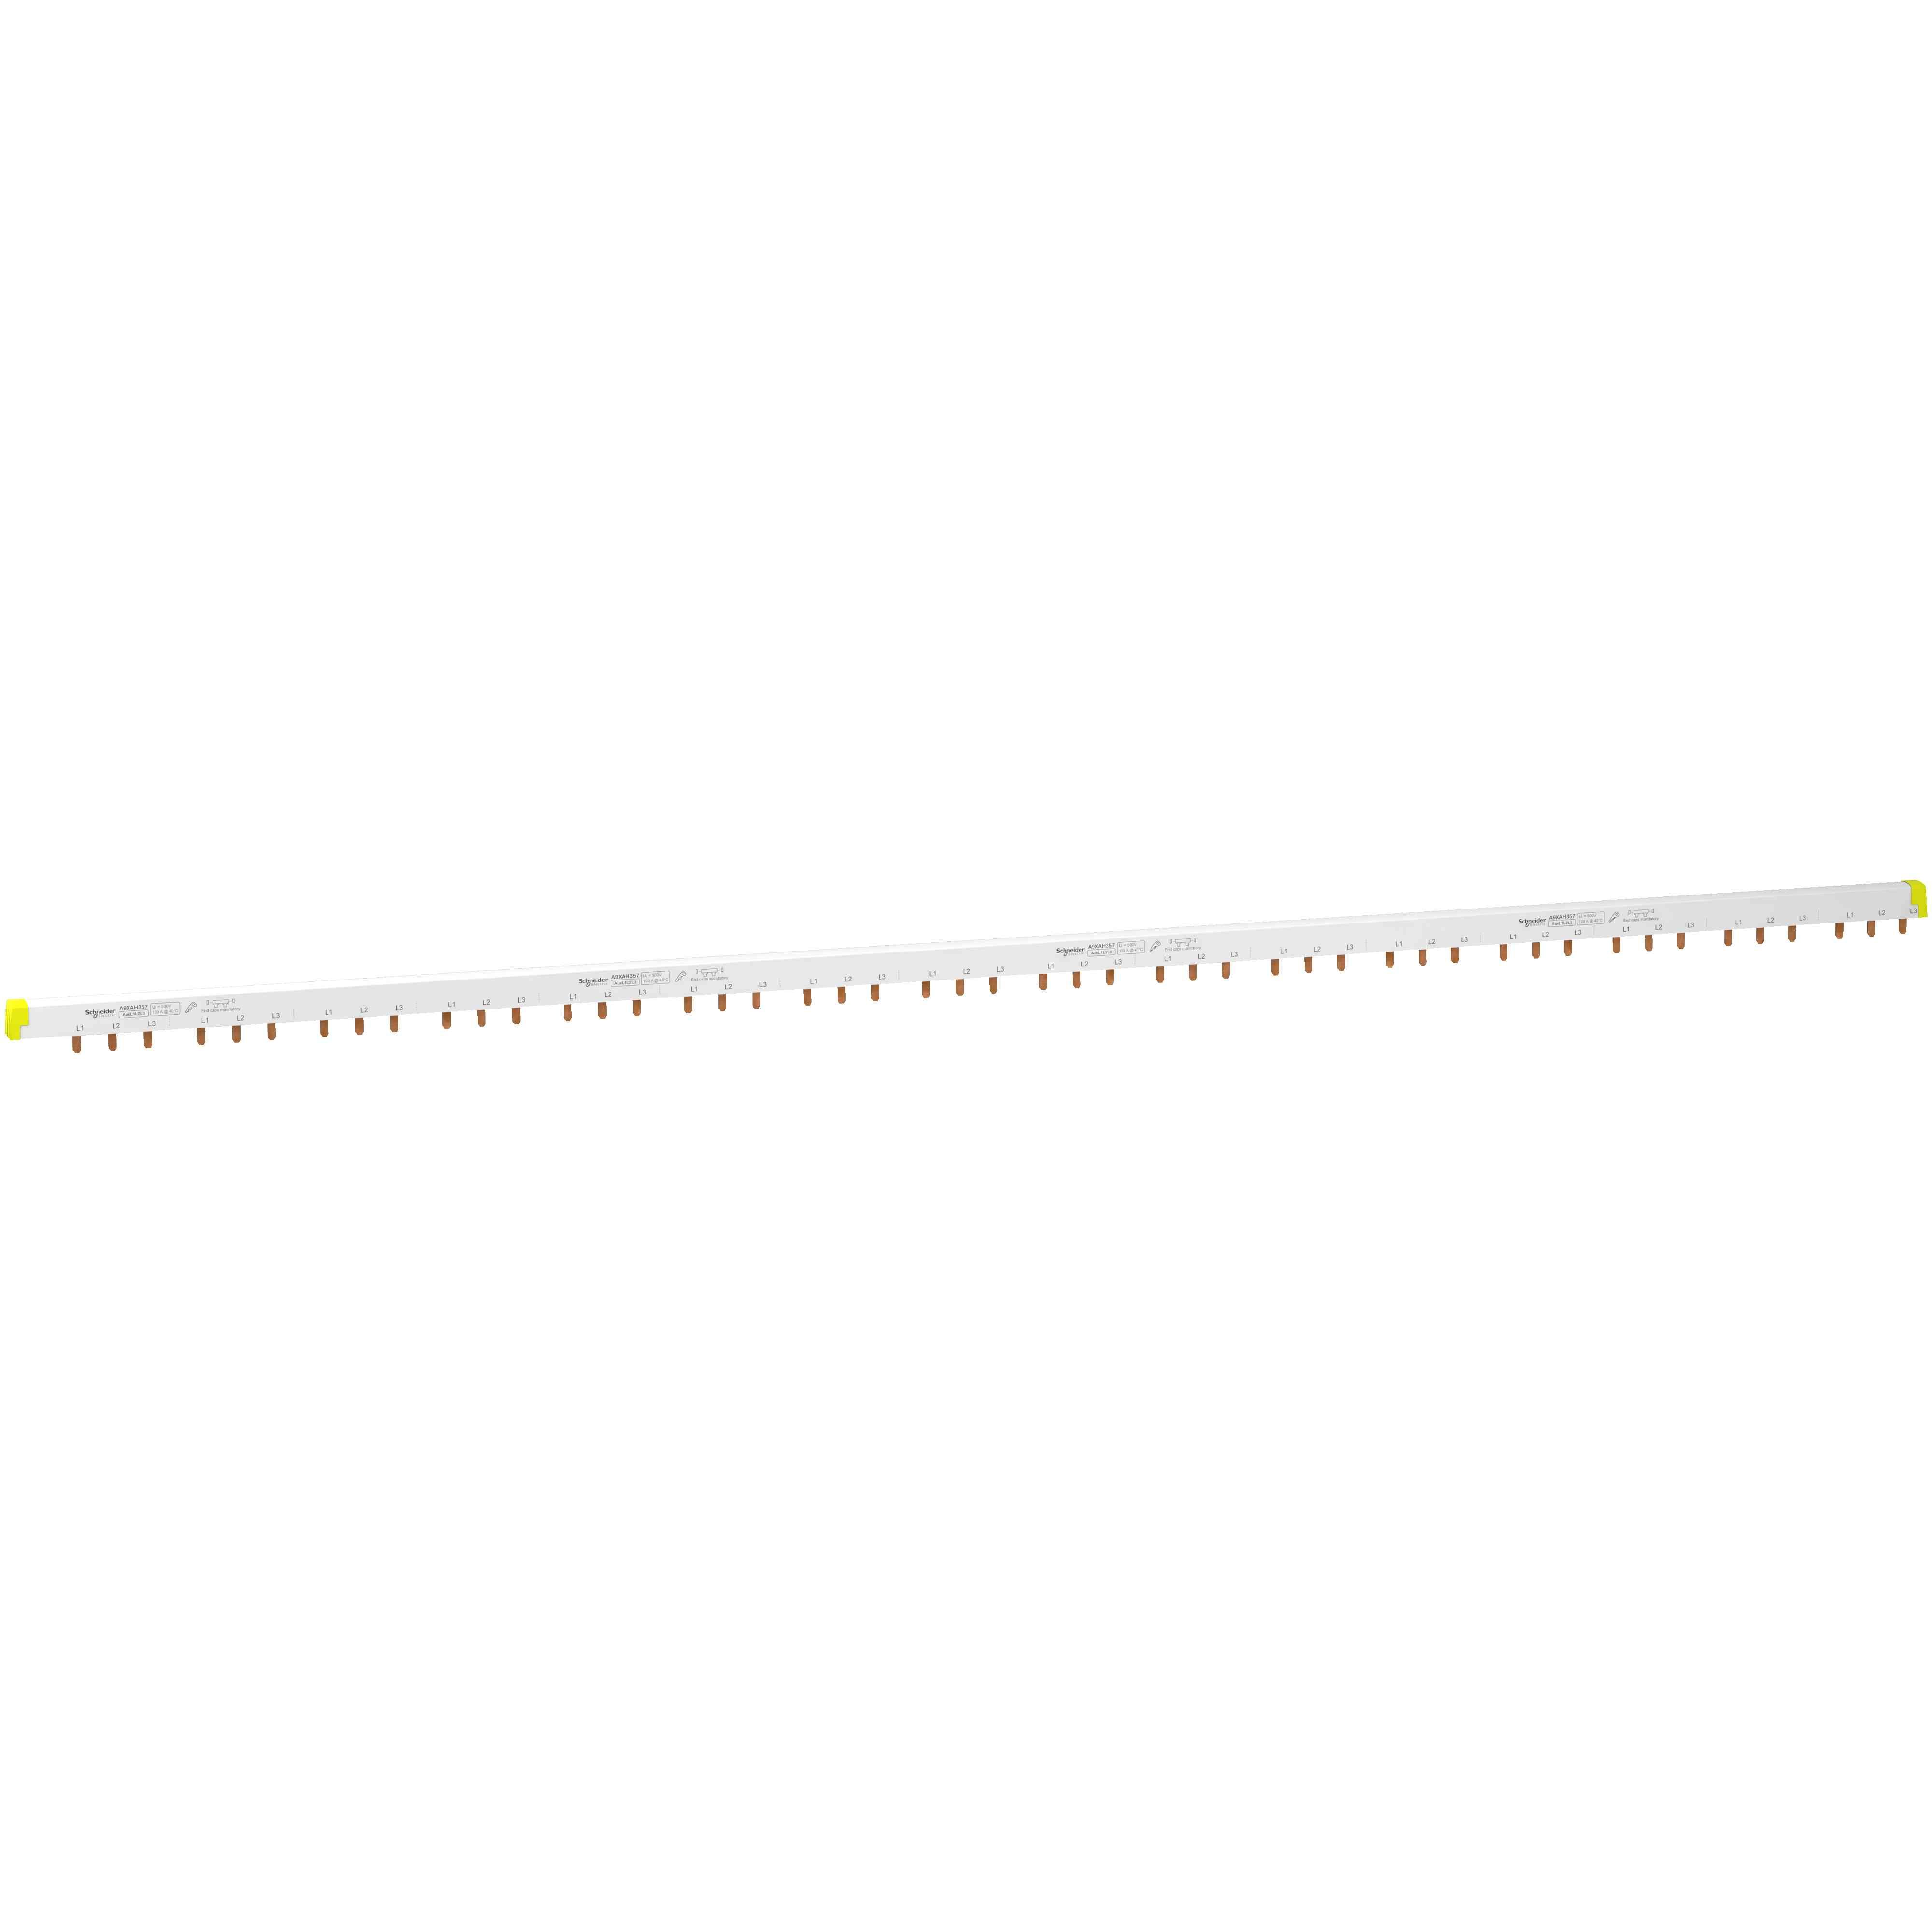 Acti 9 - glavničasta zbiralka  - tip 3L + Aux - 18-mm razmik - 57 mod. - 100 A